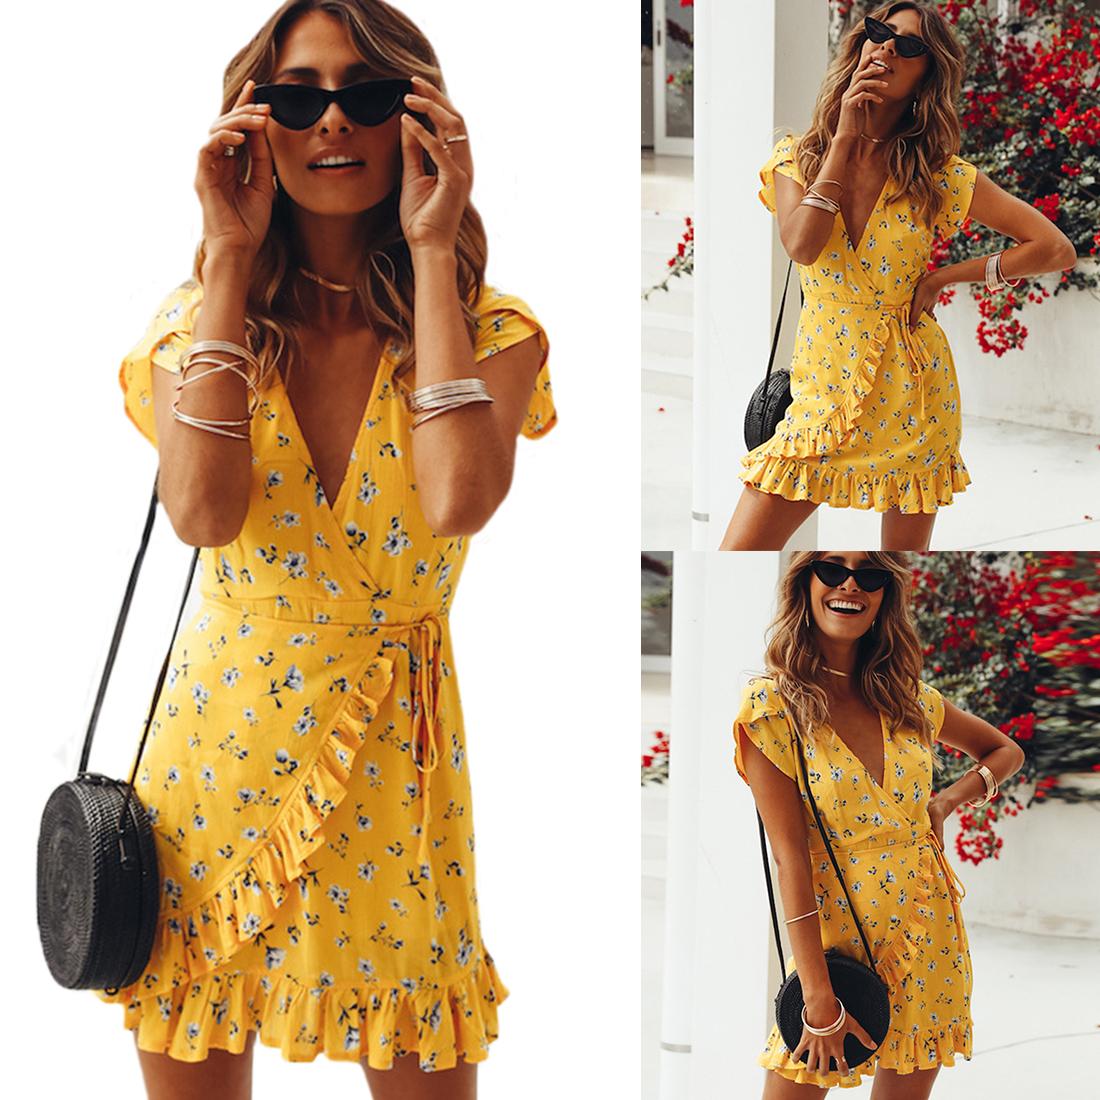 AU Women Lady Floral Cotton Short Dress Summer V neck Lace-up Casual SIZE 8-12